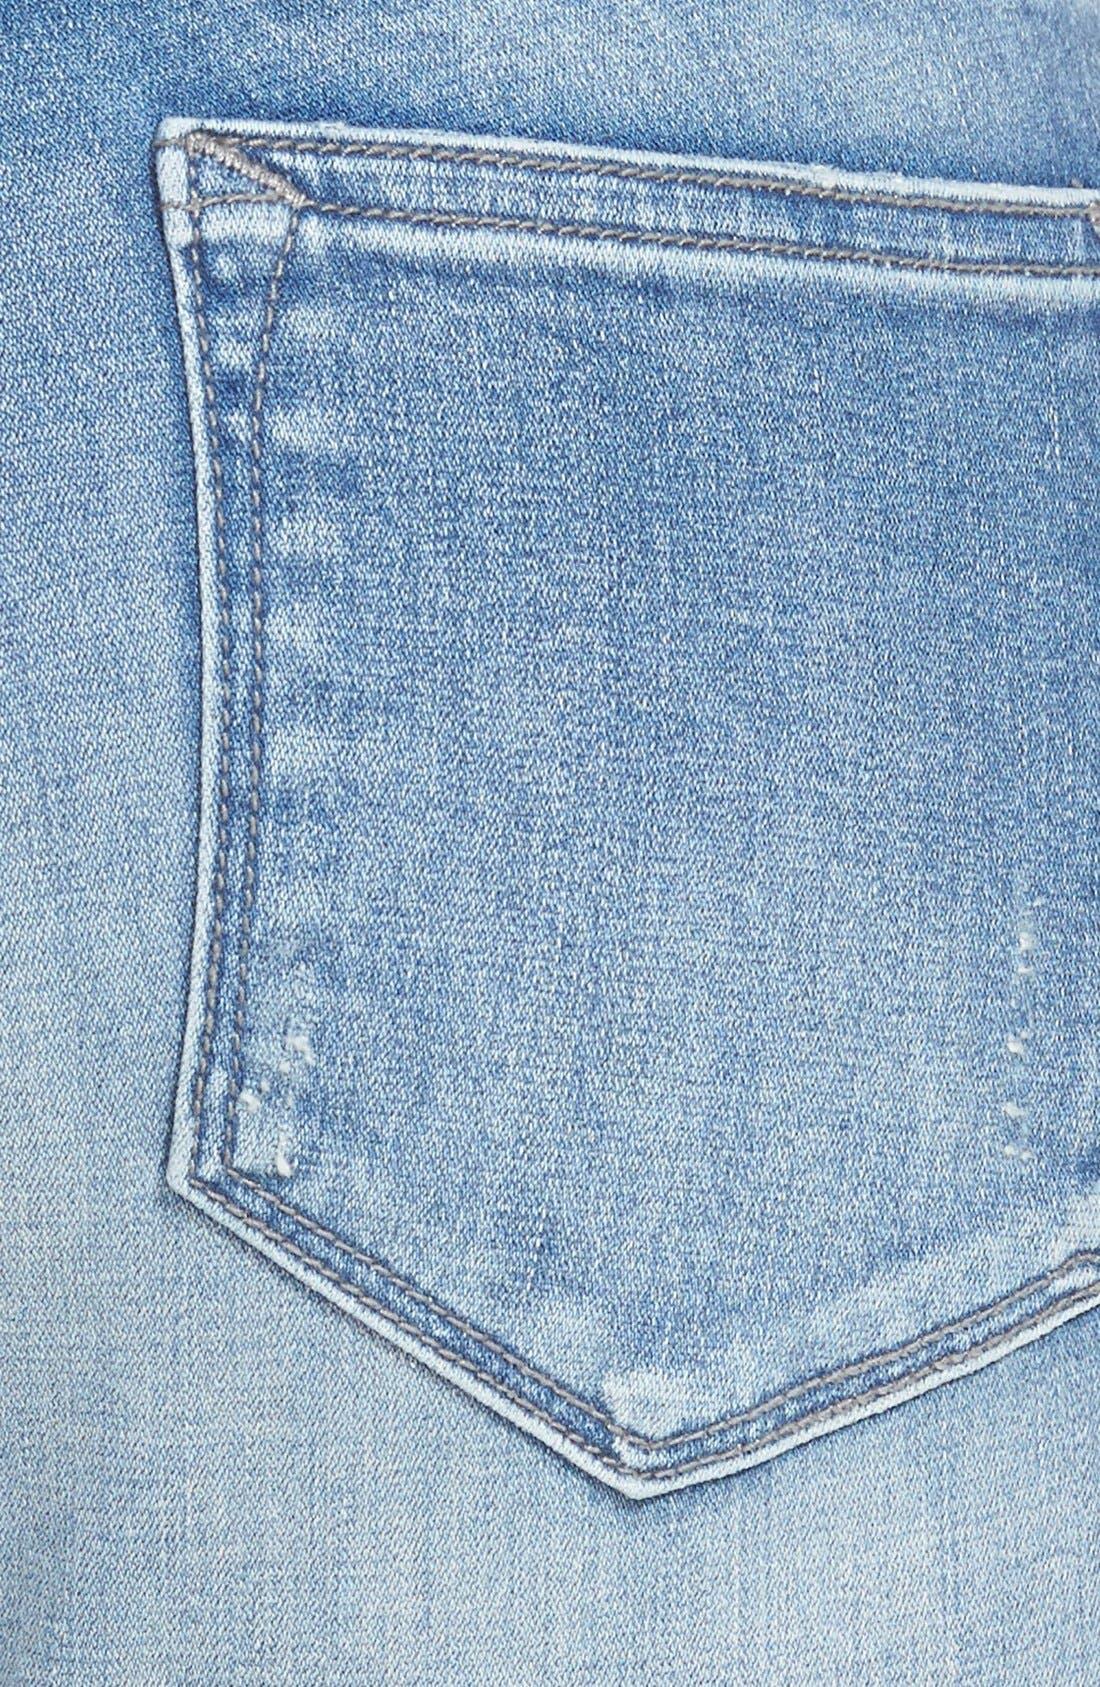 Alternate Image 3  - Vigoss Skinny Jeans (Light)